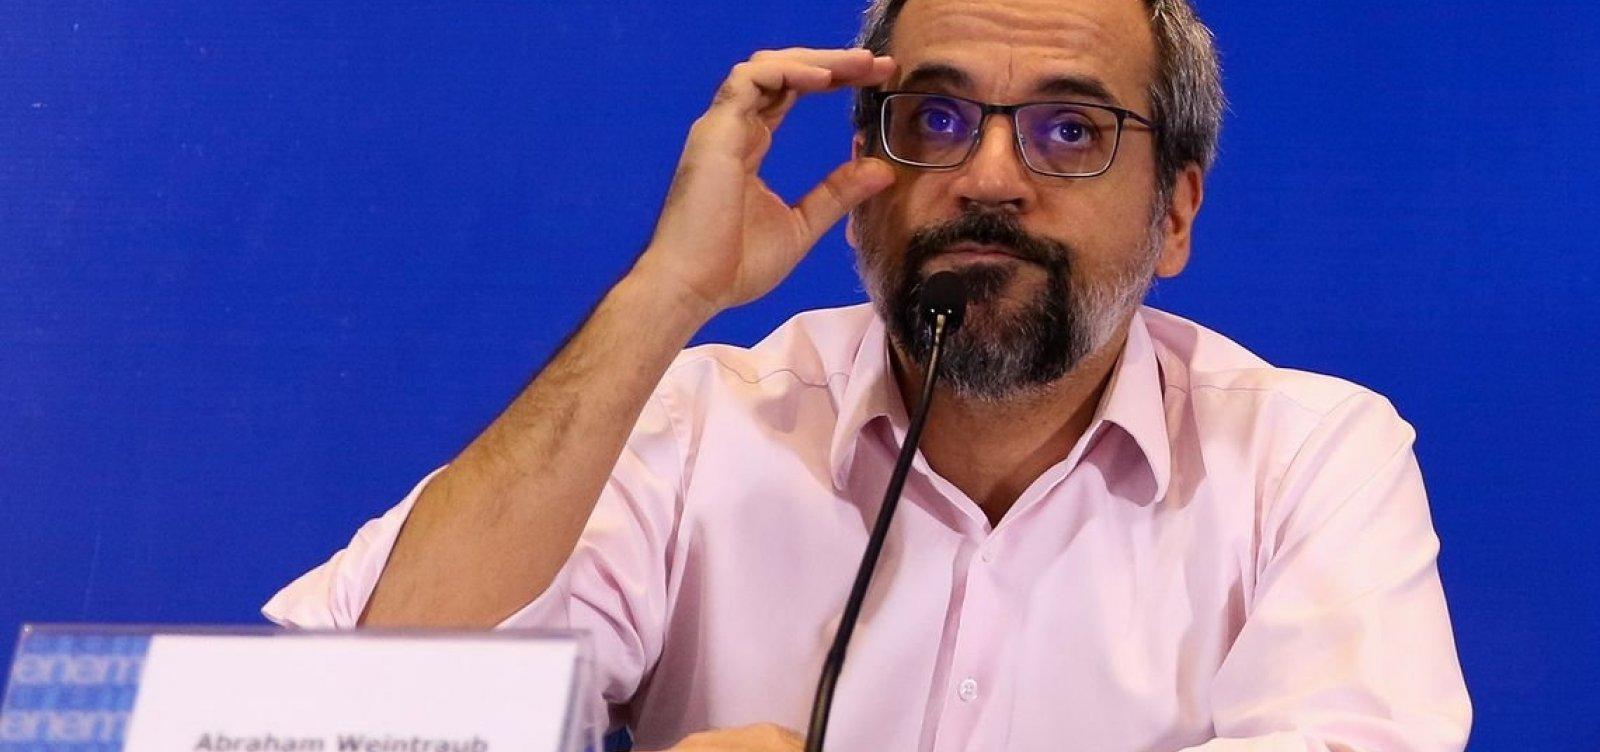 ['Enem não é para polemizar', diz ministro sobre falta de questões sobre ditadura]